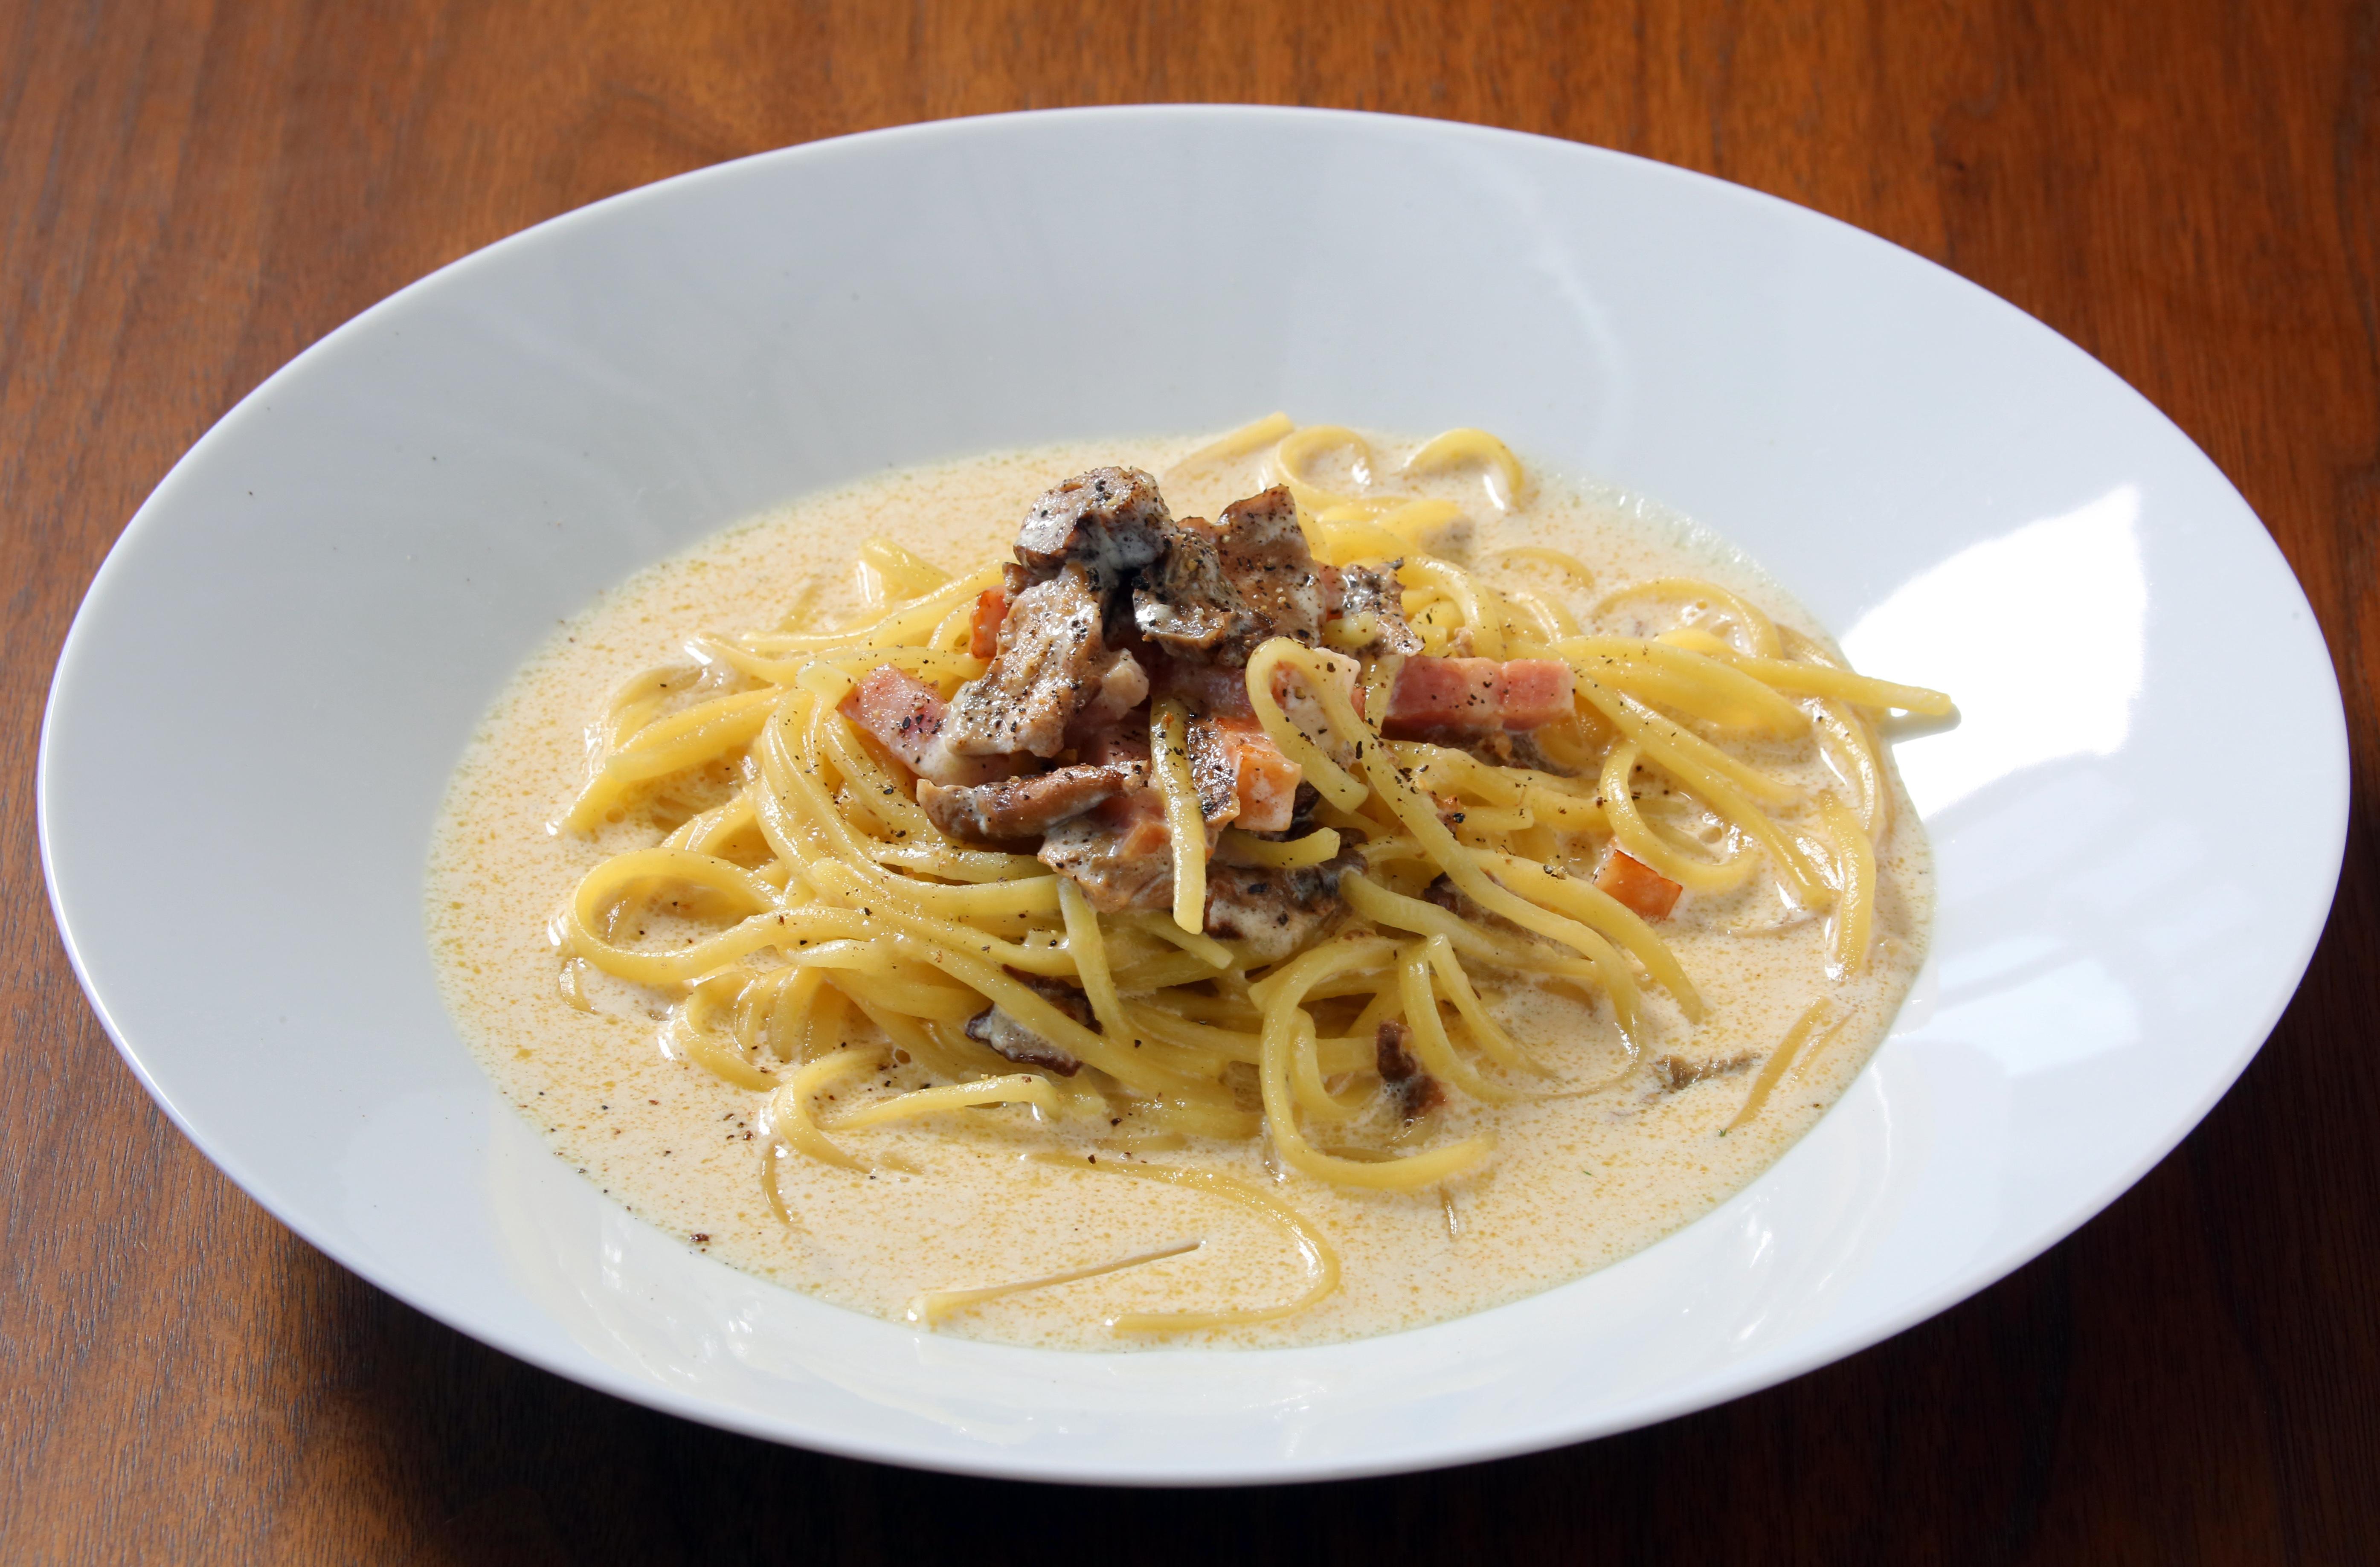 ポルチーニ茸とベーコンのクリームソース リングイネ Linguine with Porucini Mushrooms,Bacon and Cream